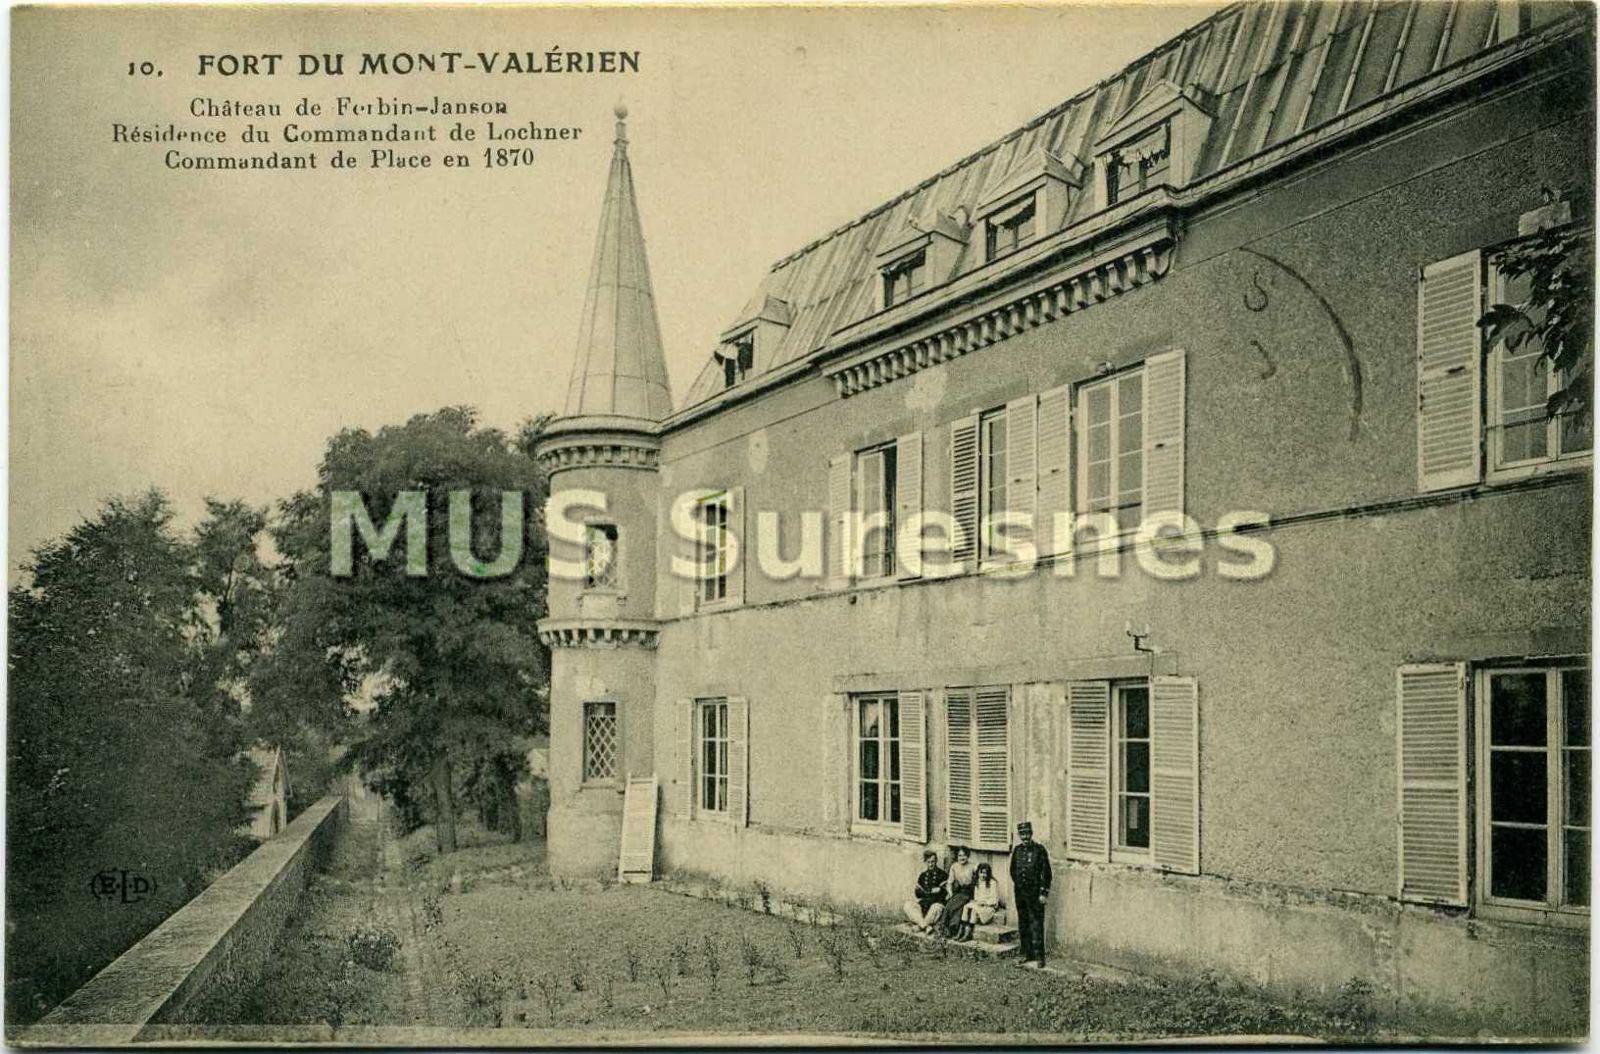 cartepost 2000 1 77 1 jpg 313 4 ko fort du mont valerien ch 226 teau de forbin janson